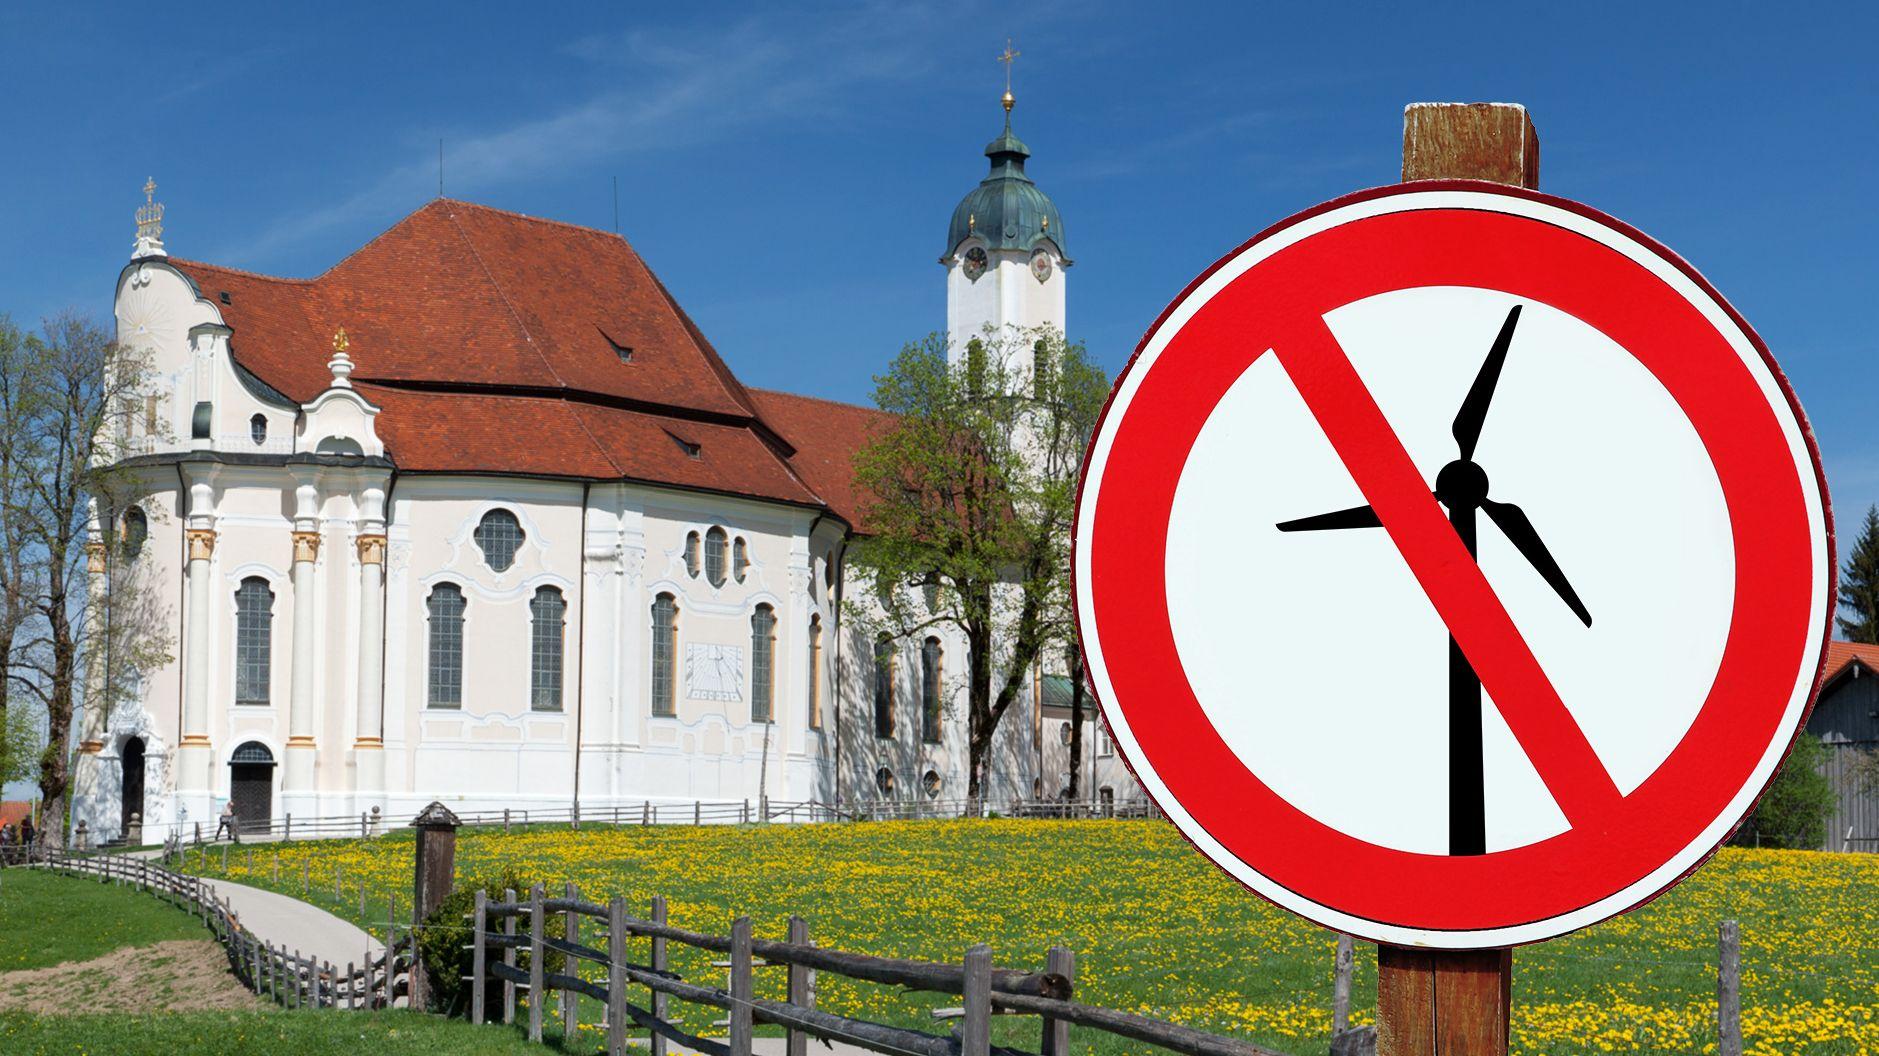 Die Wieskirche und ein Verbotsschild, auf dem ein Windrad abgebildet ist.